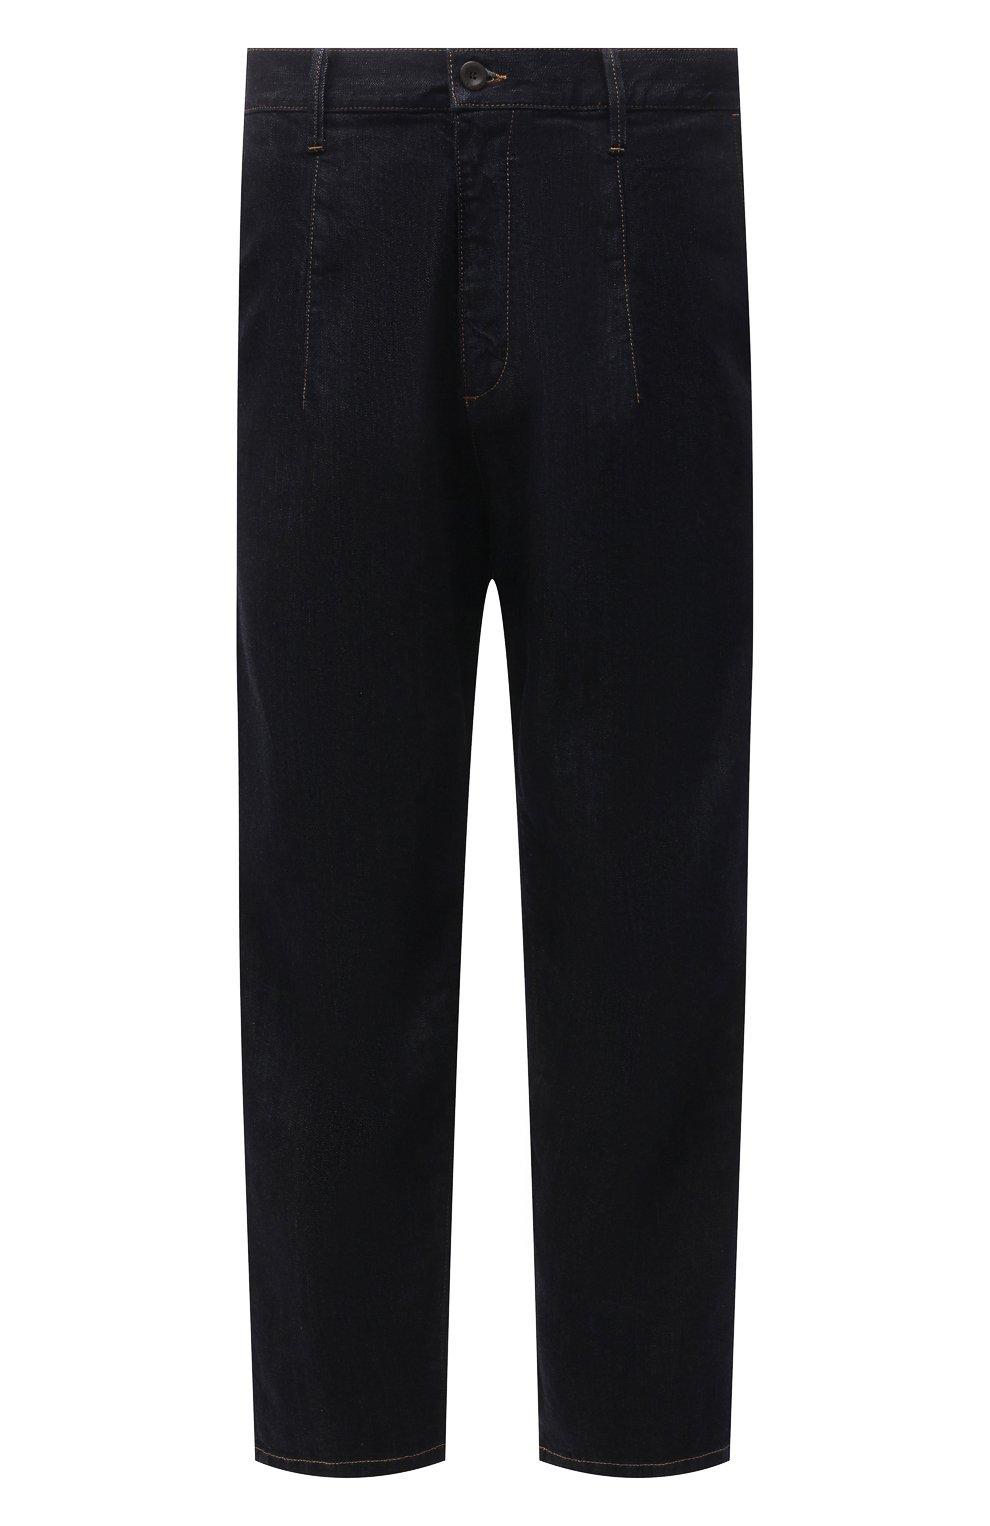 Мужские джинсы GIORGIO ARMANI синего цвета, арт. 3KSP61/SD0TZ | Фото 1 (Силуэт М (брюки): Широкие; Кросс-КТ: Деним; Длина (брюки, джинсы): Стандартные; Материал внешний: Хлопок, Деним; Стили: Кэжуэл)